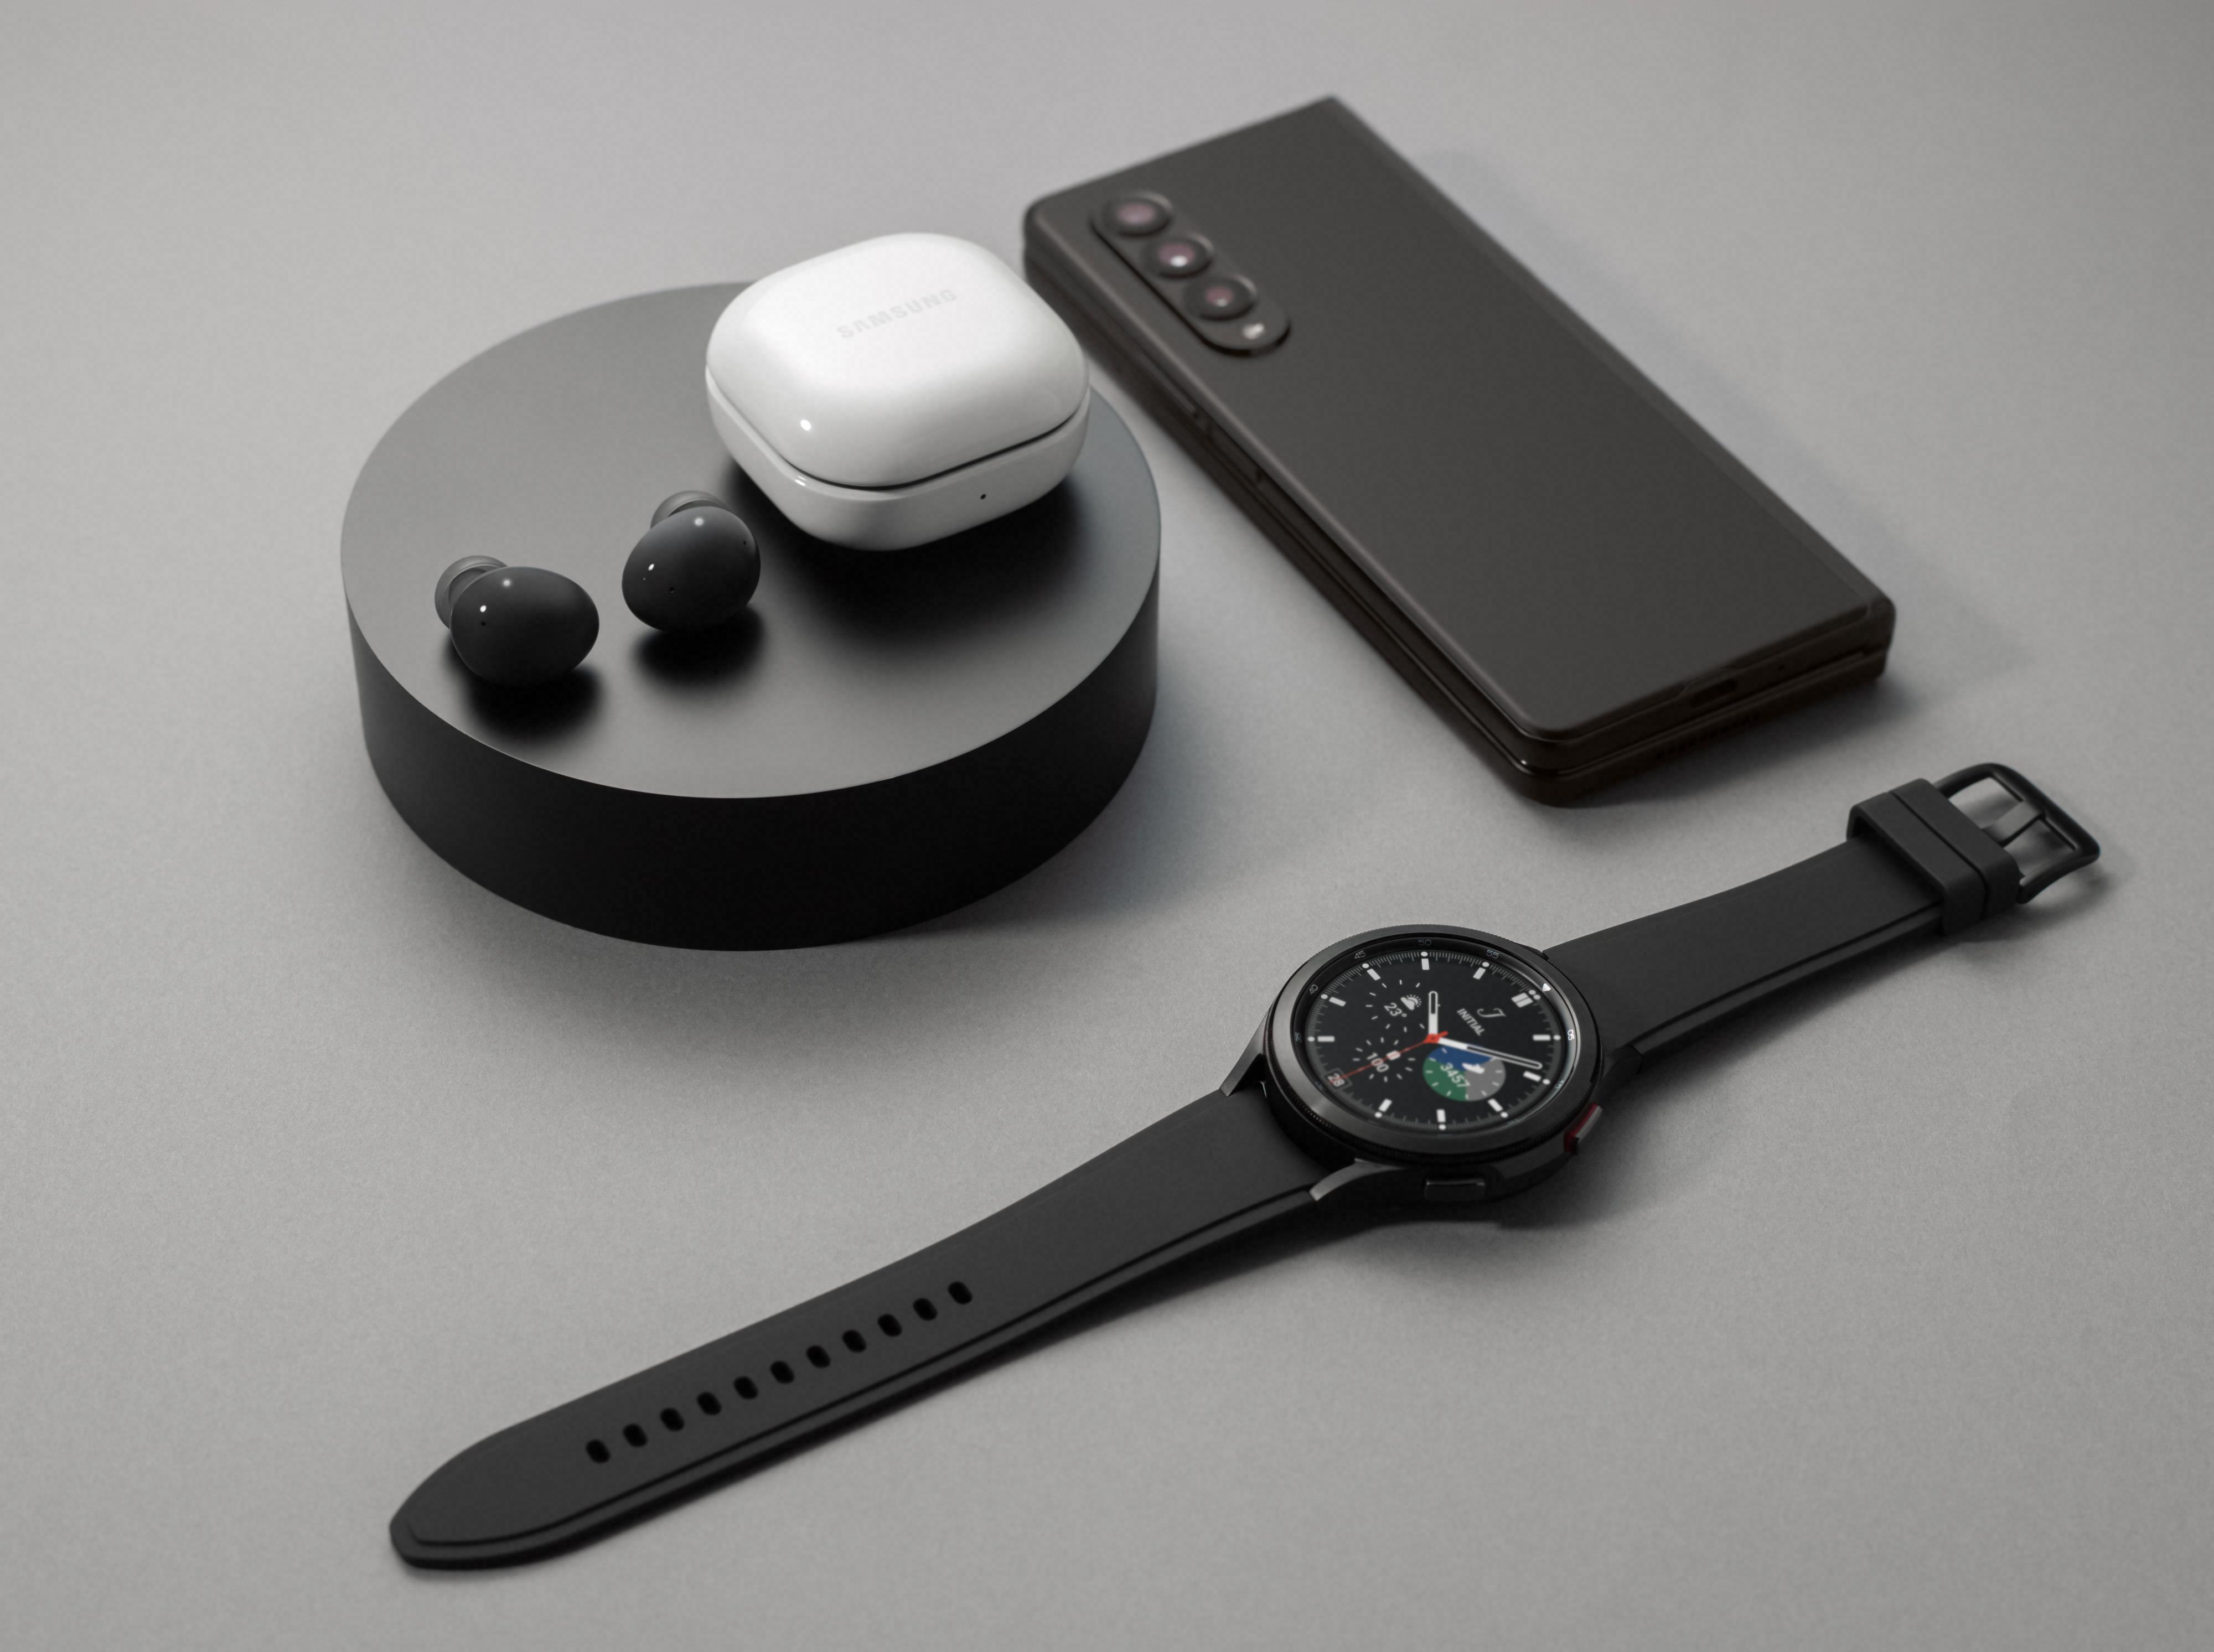 Samsung lanserte også to nye klokker og et sett øreplugger i dagens Unpacked-slipp.